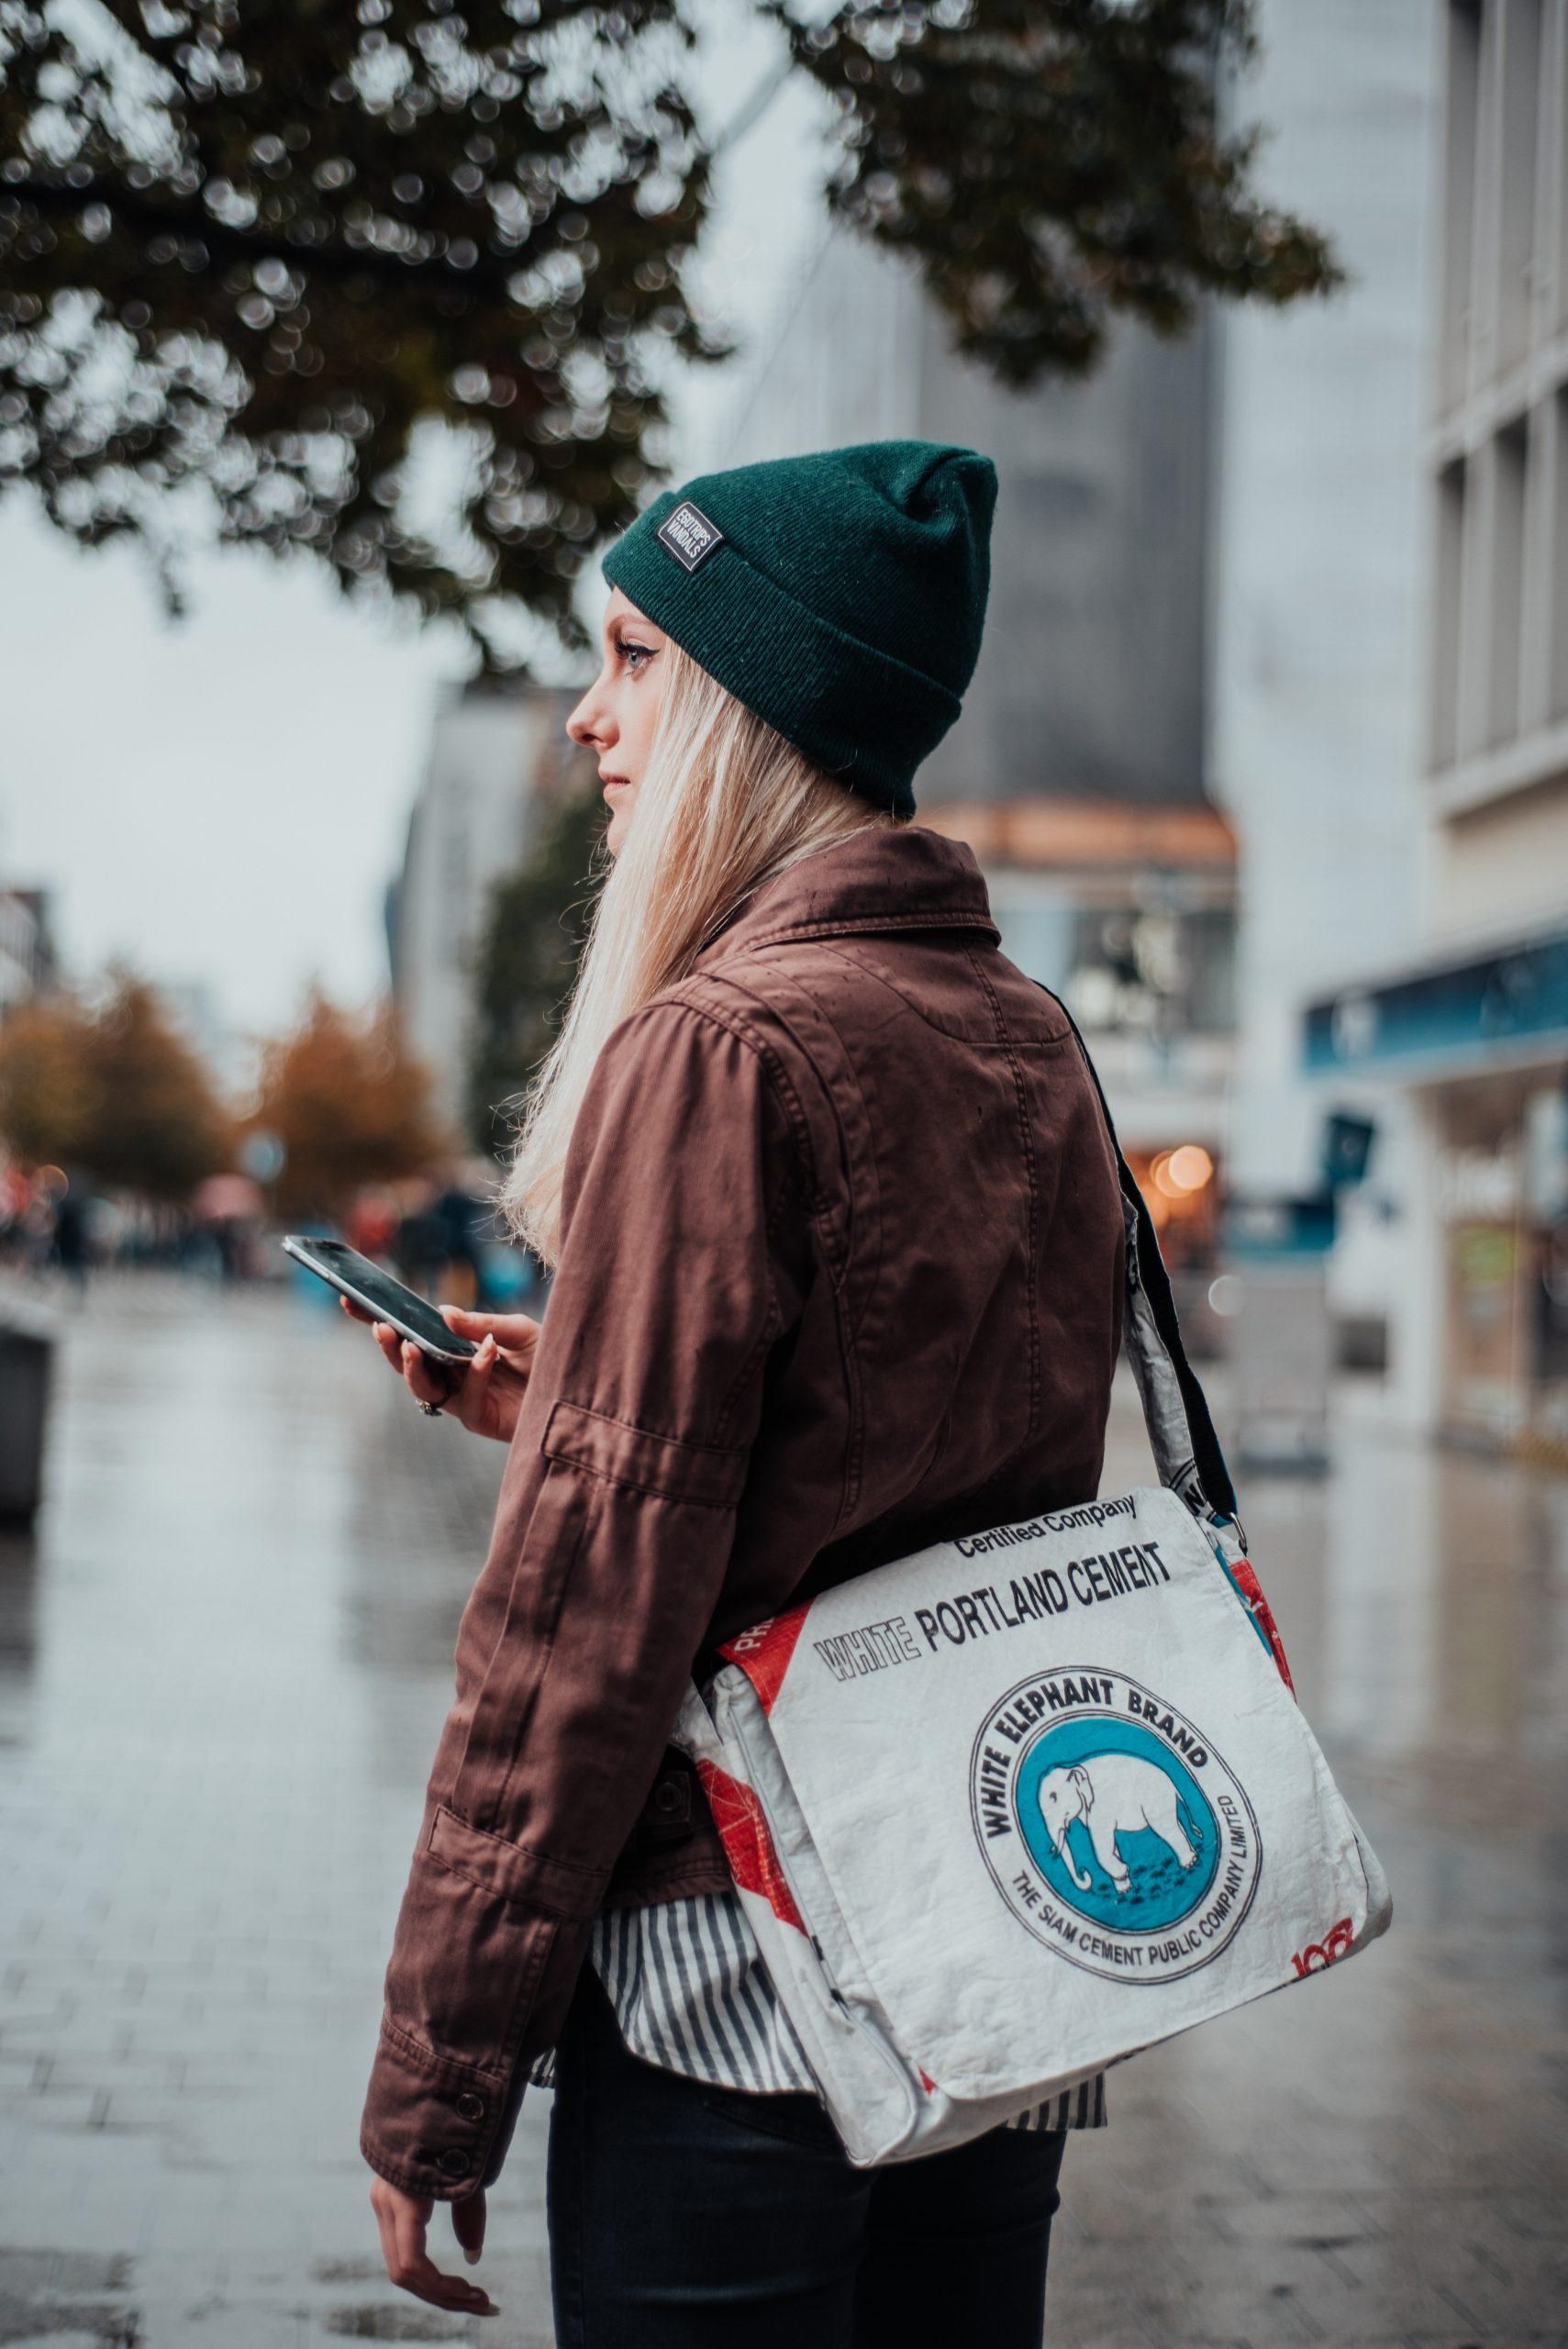 Frau mit Mütze und Handy in der Hand